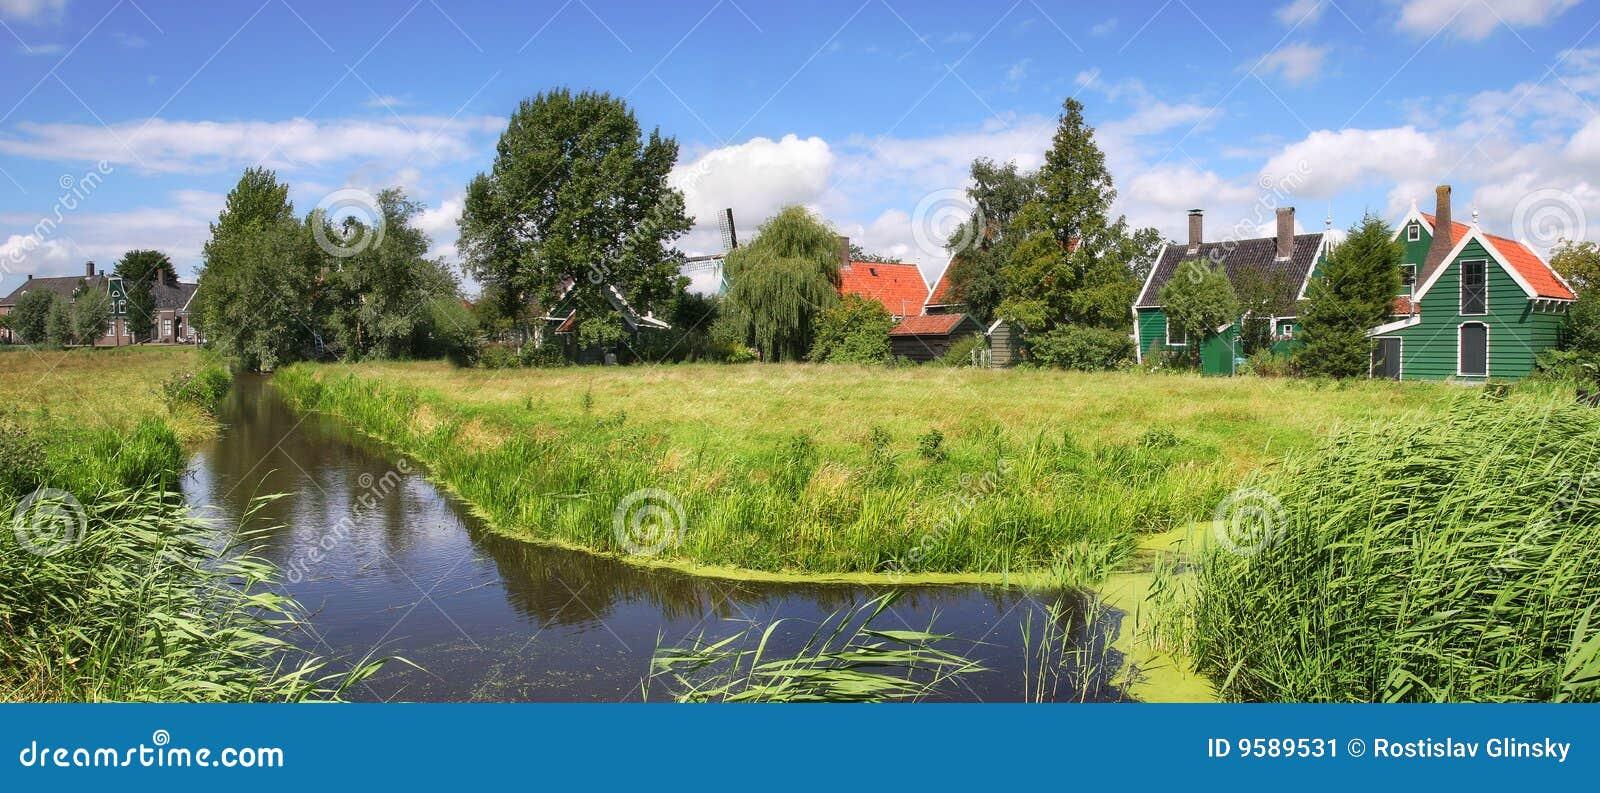 Holländisches Dorf.